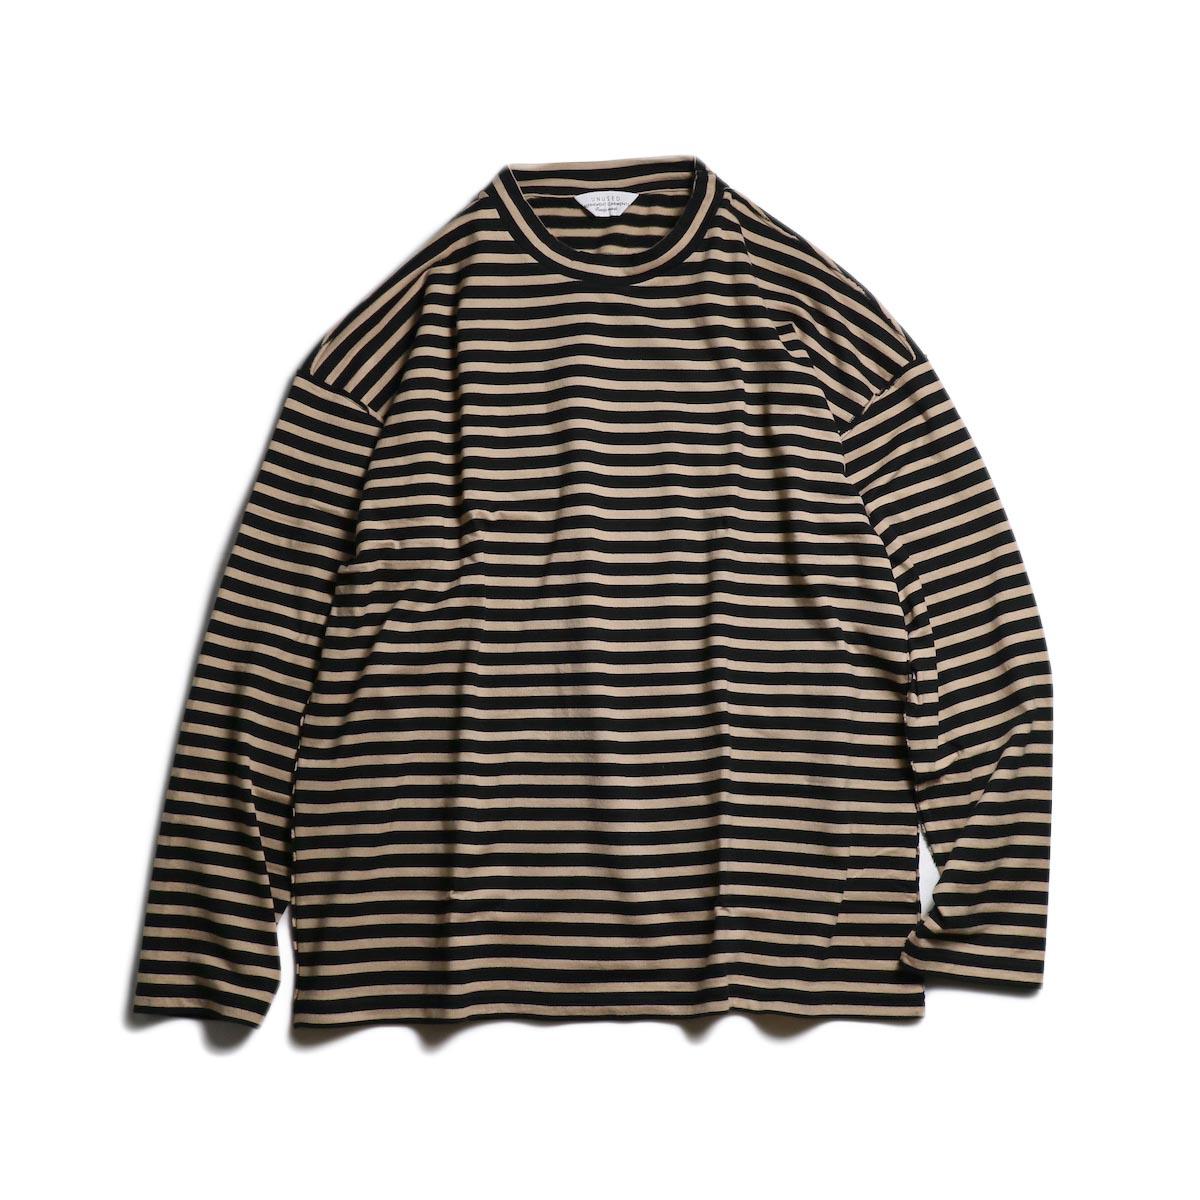 UNUSED / US1682 Long Sleeve Border T-Shirt -Beige/Black 正面